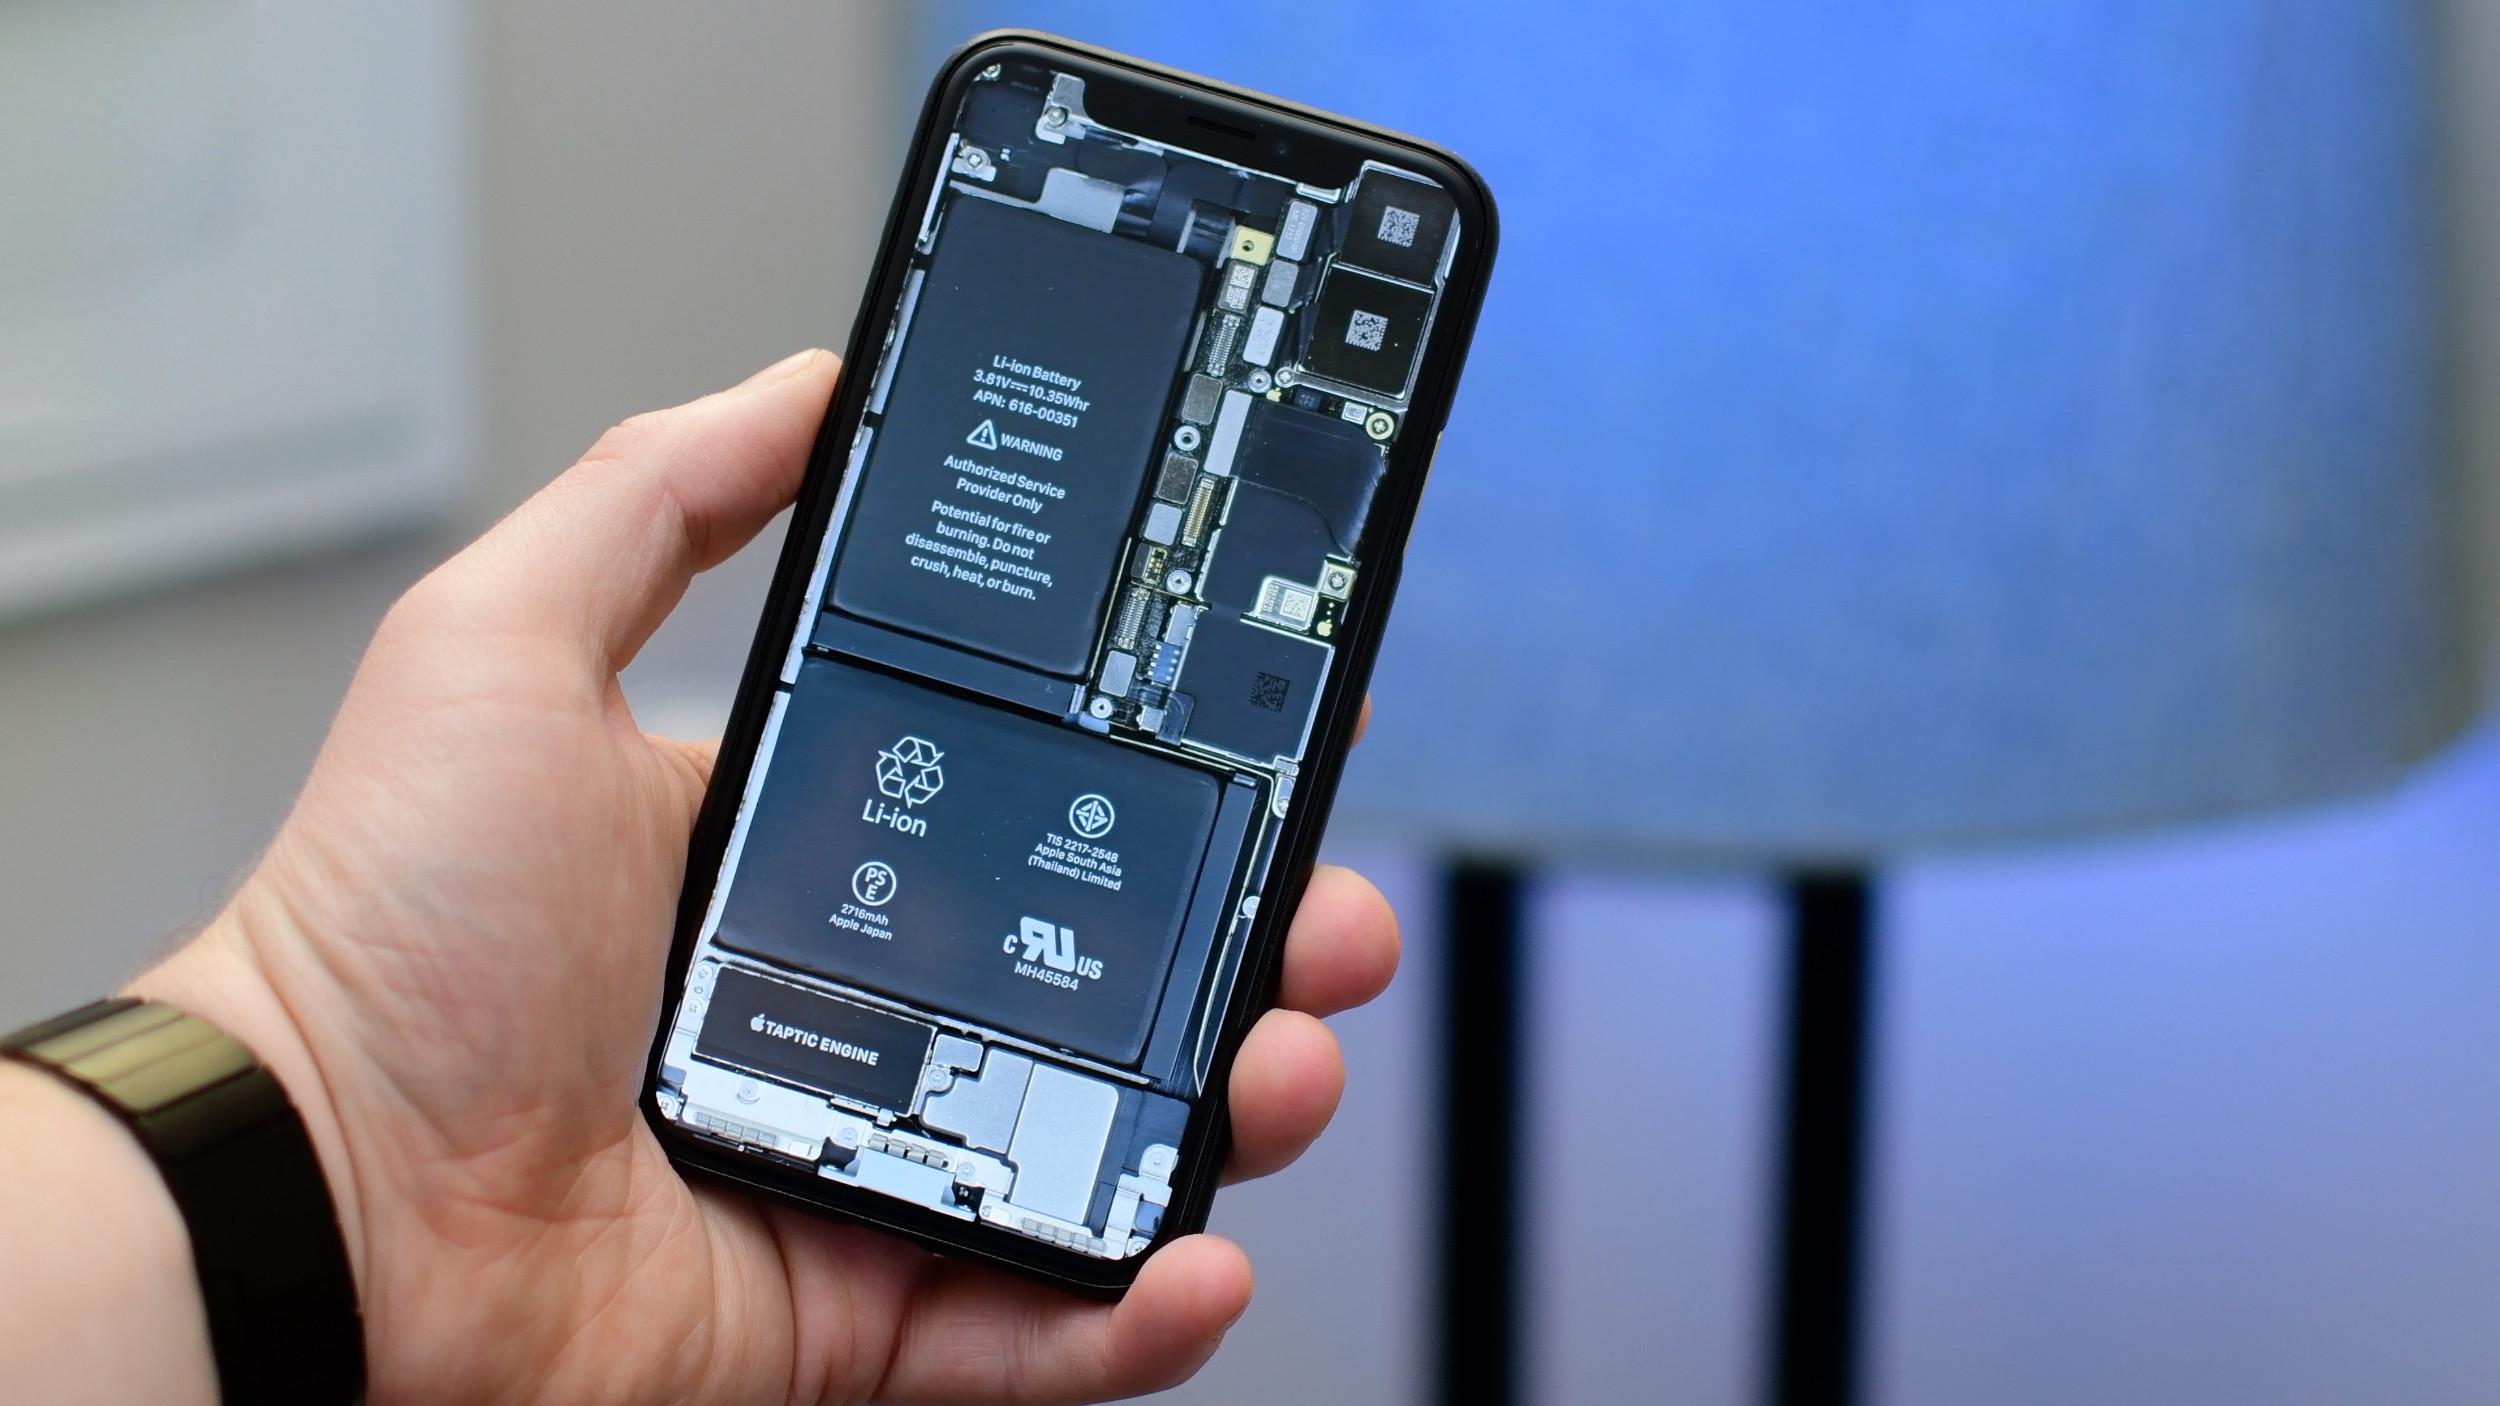 En İyi İphone Pil Markası HangisiEn İyi İphone Pil Markası Hangisi